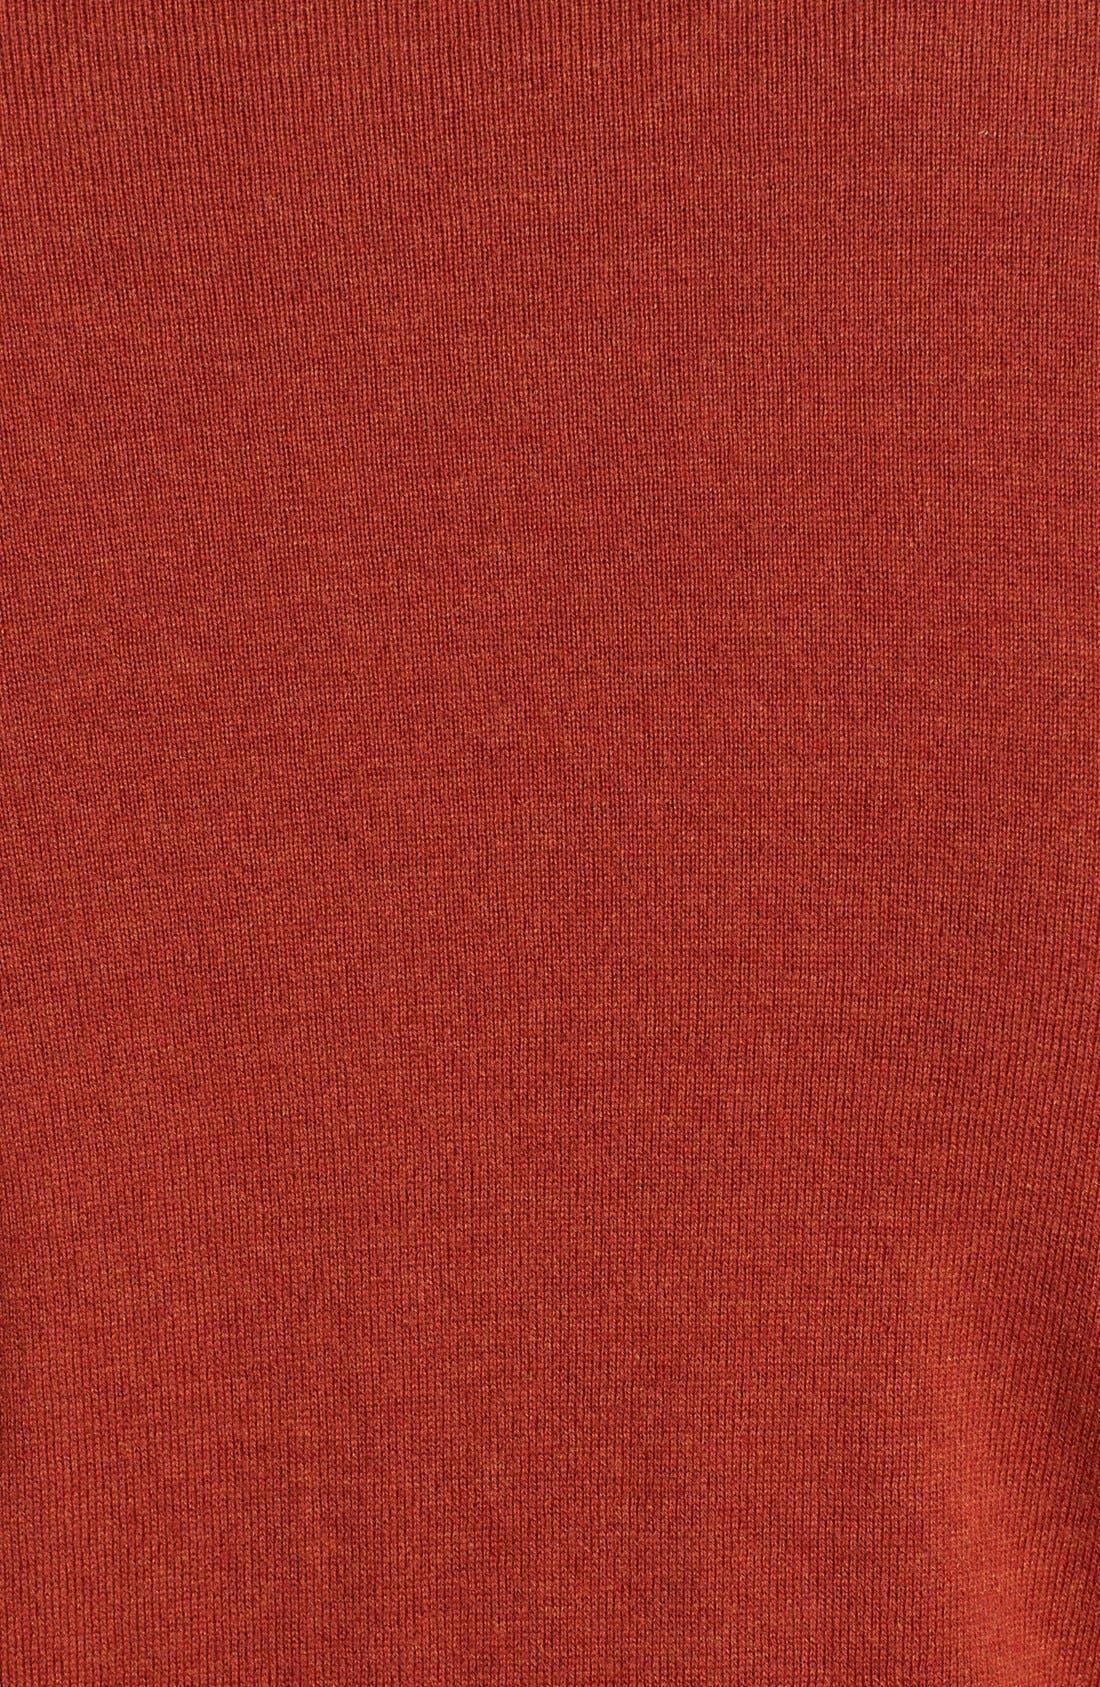 Alternate Image 3  - BOSS HUGO BOSS 'Maris' Cardigan